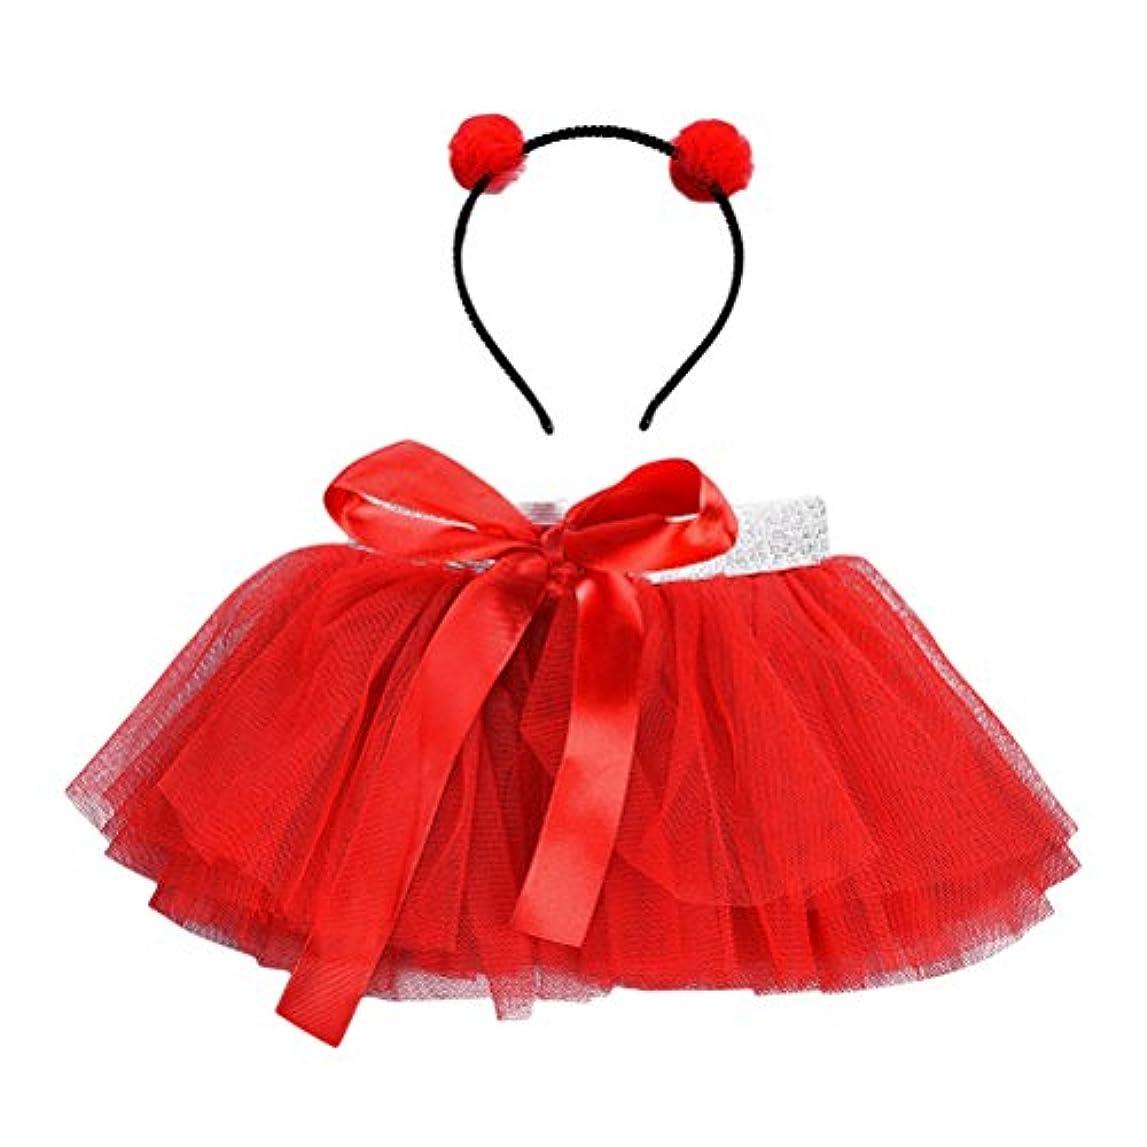 量でステレオタイプメンターLUOEM 女の子TutuスカートセットヘッドバンドプリンセスガールTutuの服装赤ちゃん女の子Birthday Outfit Set(Red)